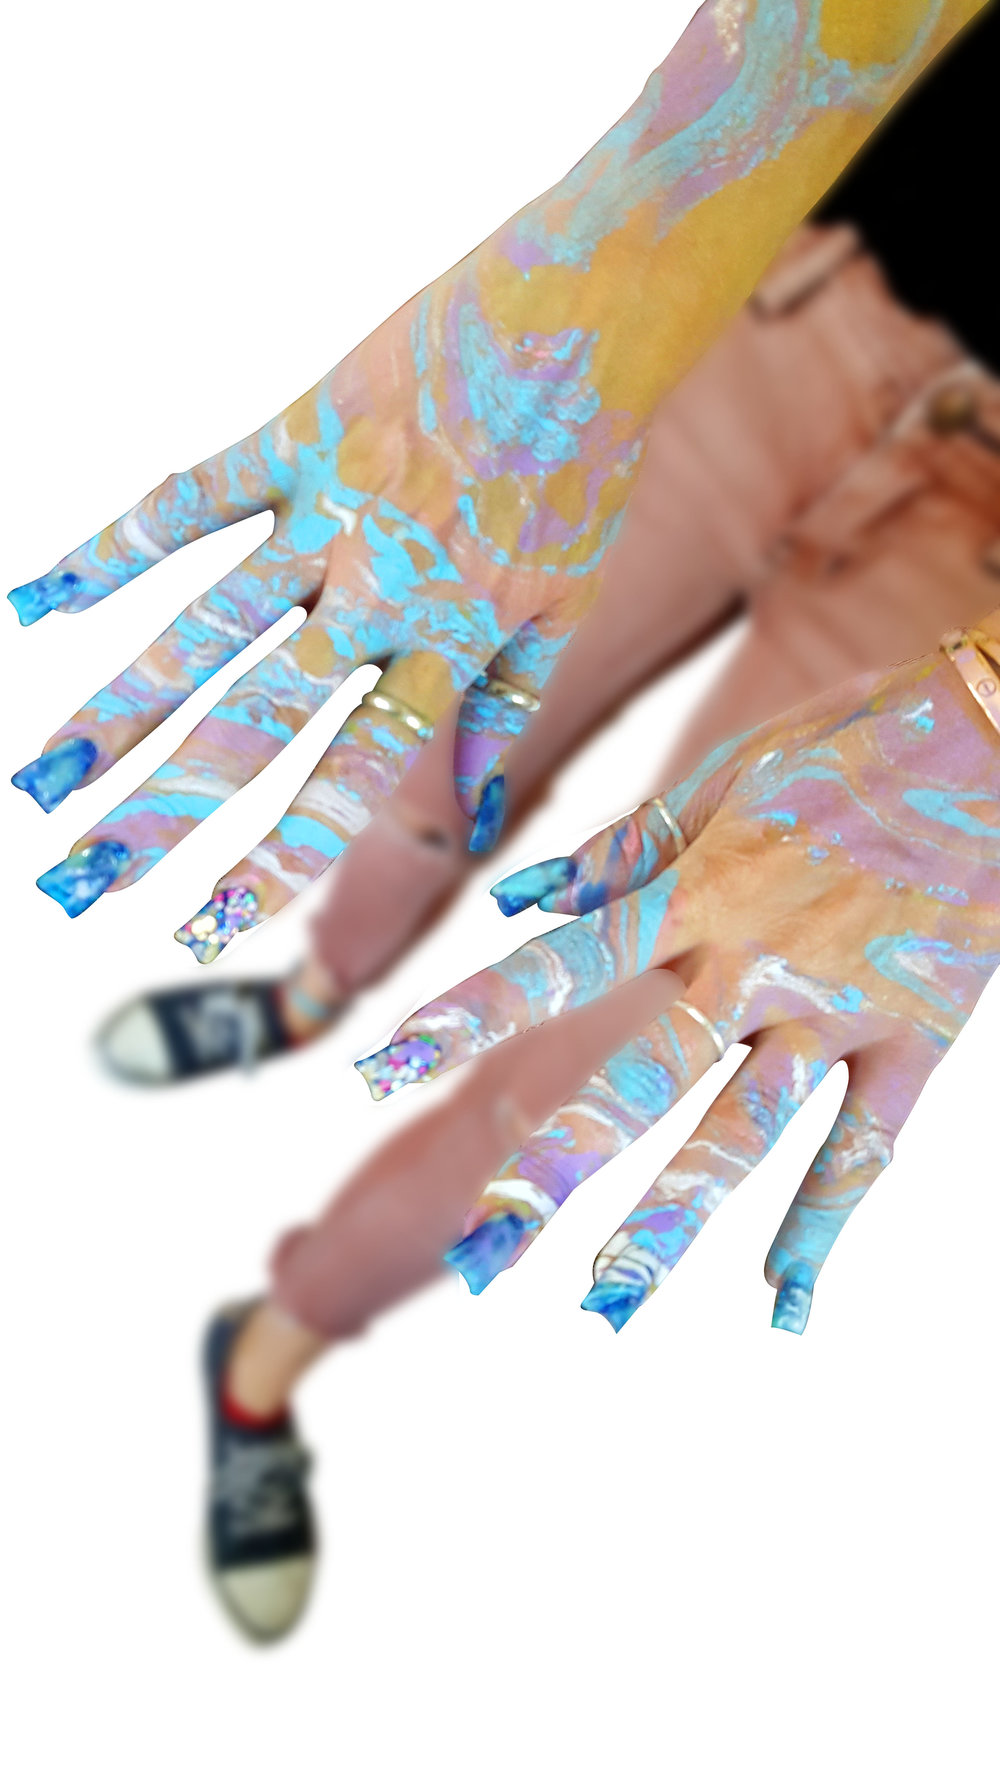 pastel marbel 1.jpg